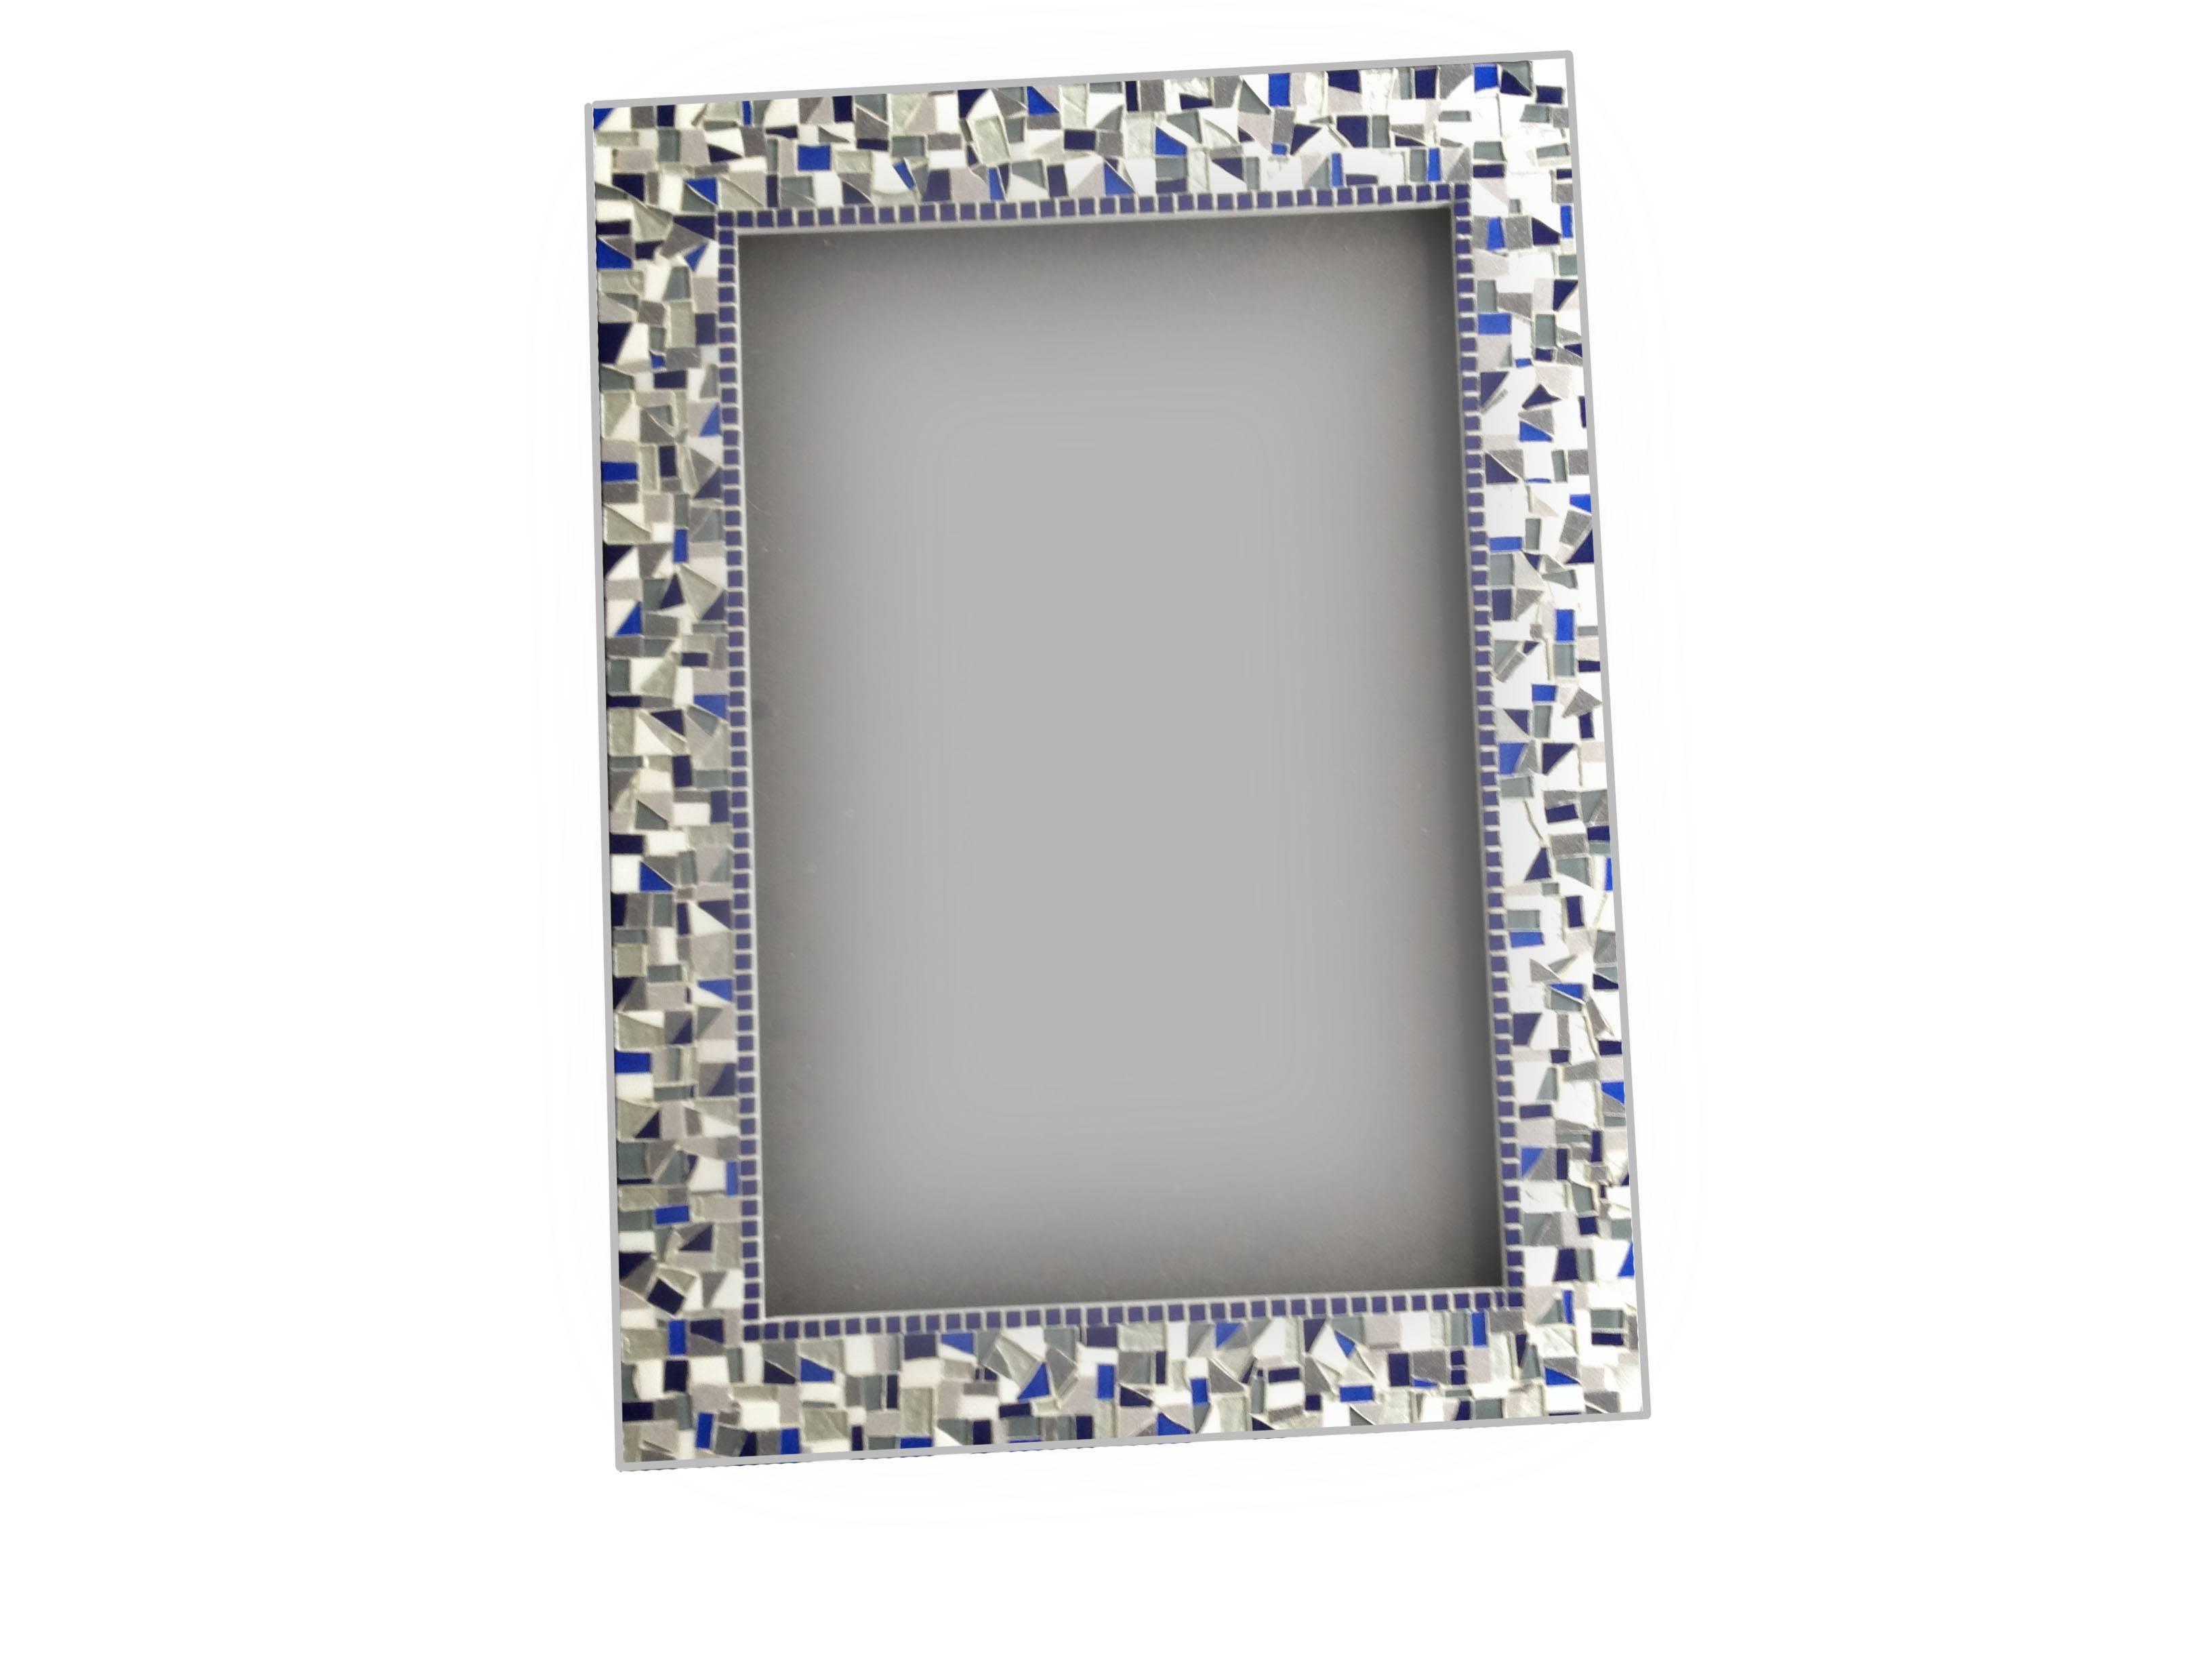 Silver Gray Navy Mosaic Wall Mirror - : in Mosaic Wall Mirrors (Image 24 of 25)